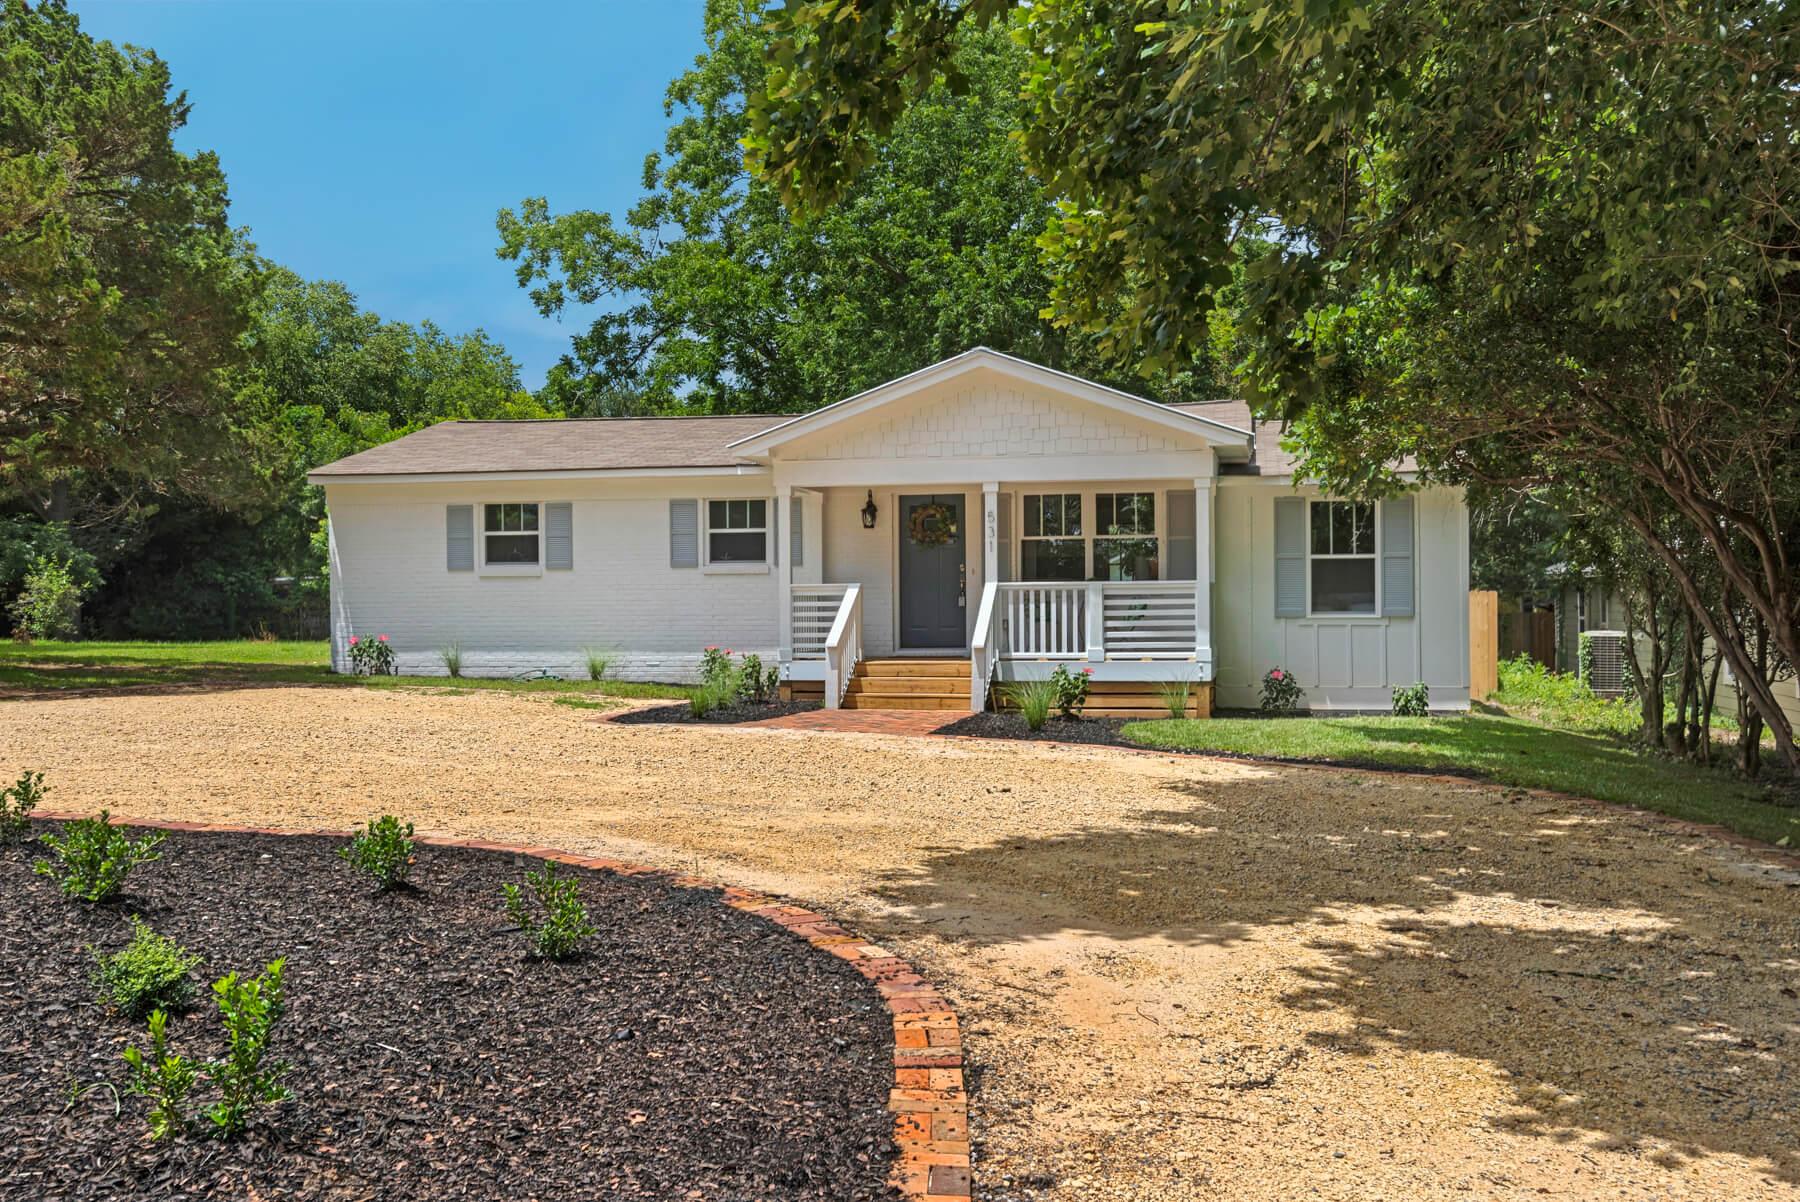 531gayfer.com movetobaldwincounty.com Urban Property 310